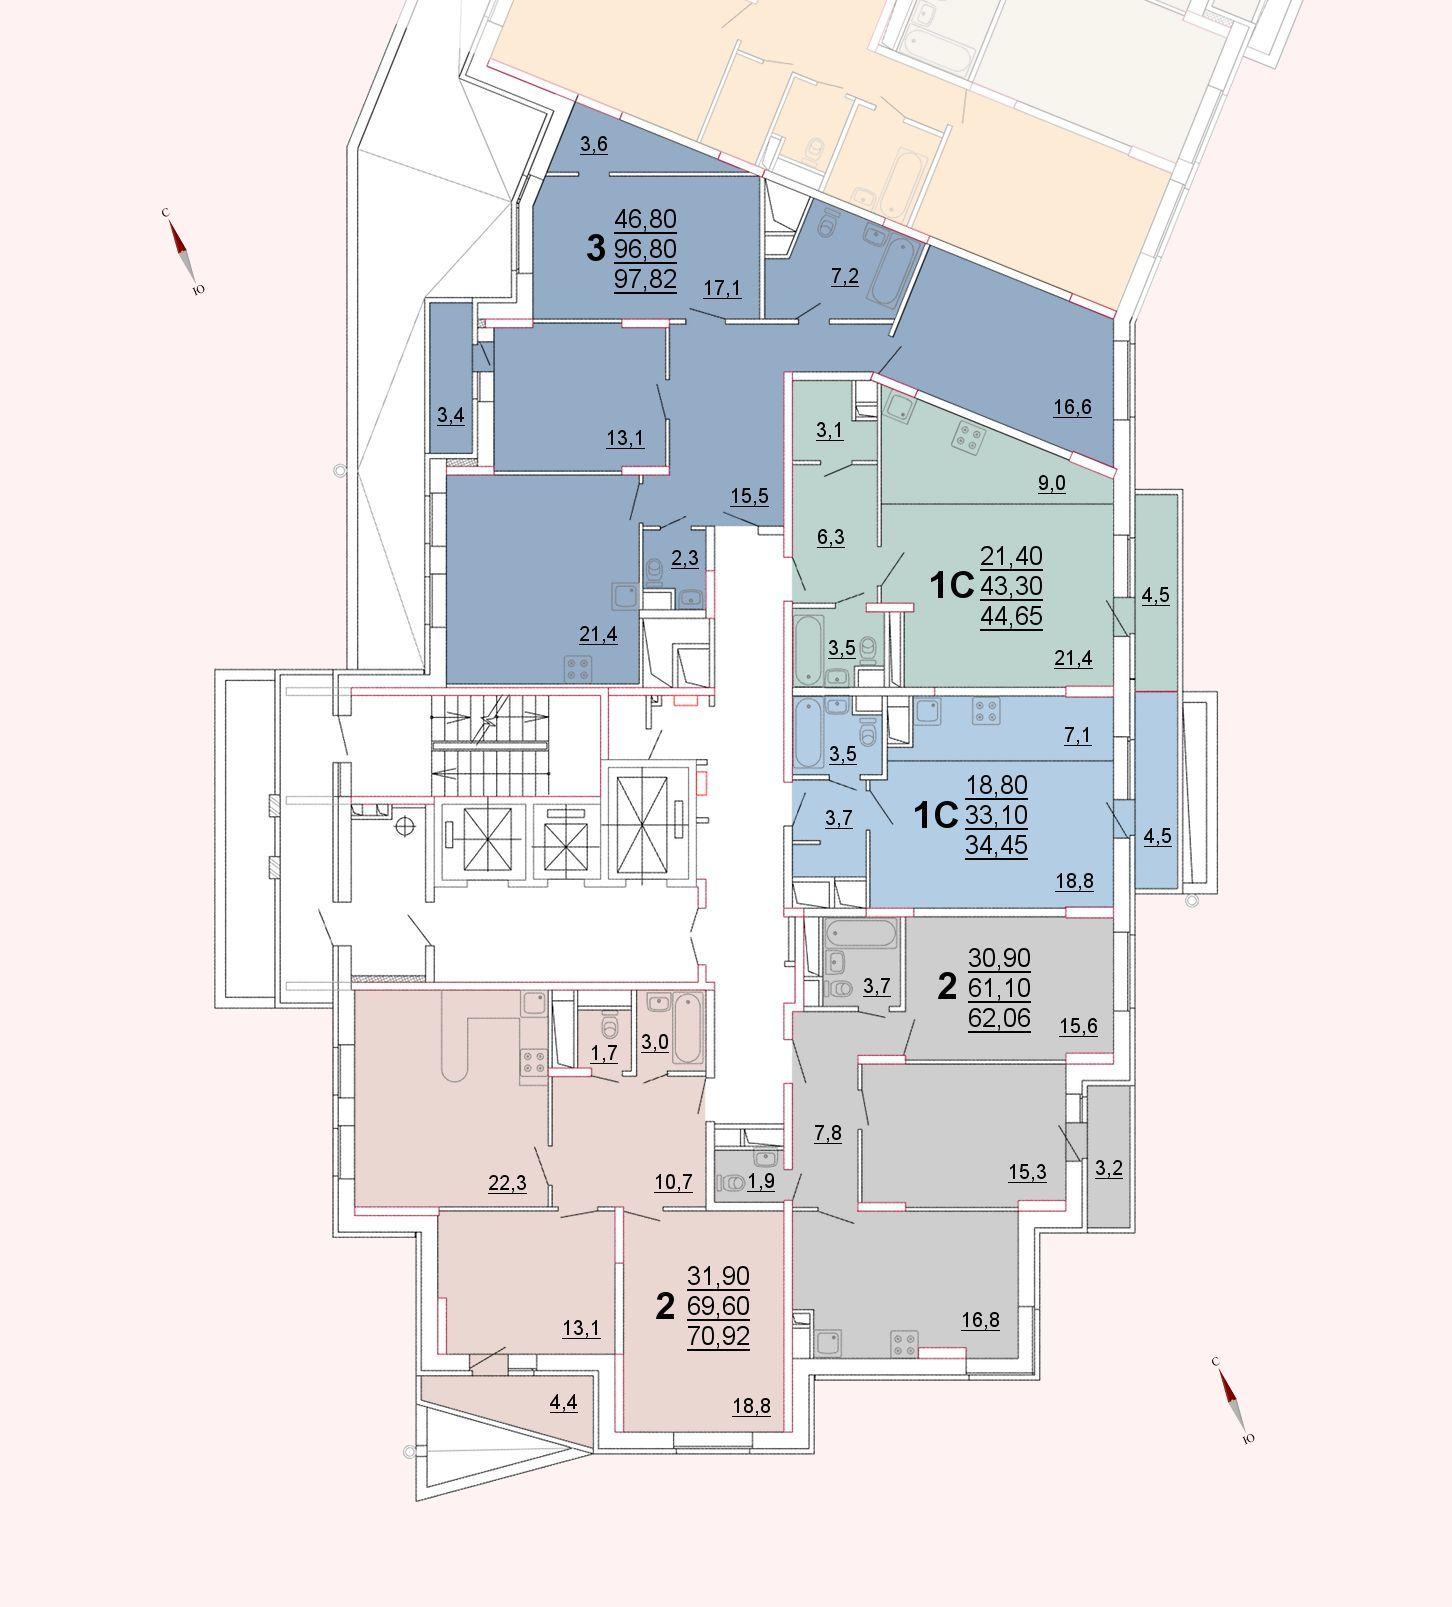 Микрорайон «Центральный», корпус 52а, секция 1, этаж 2